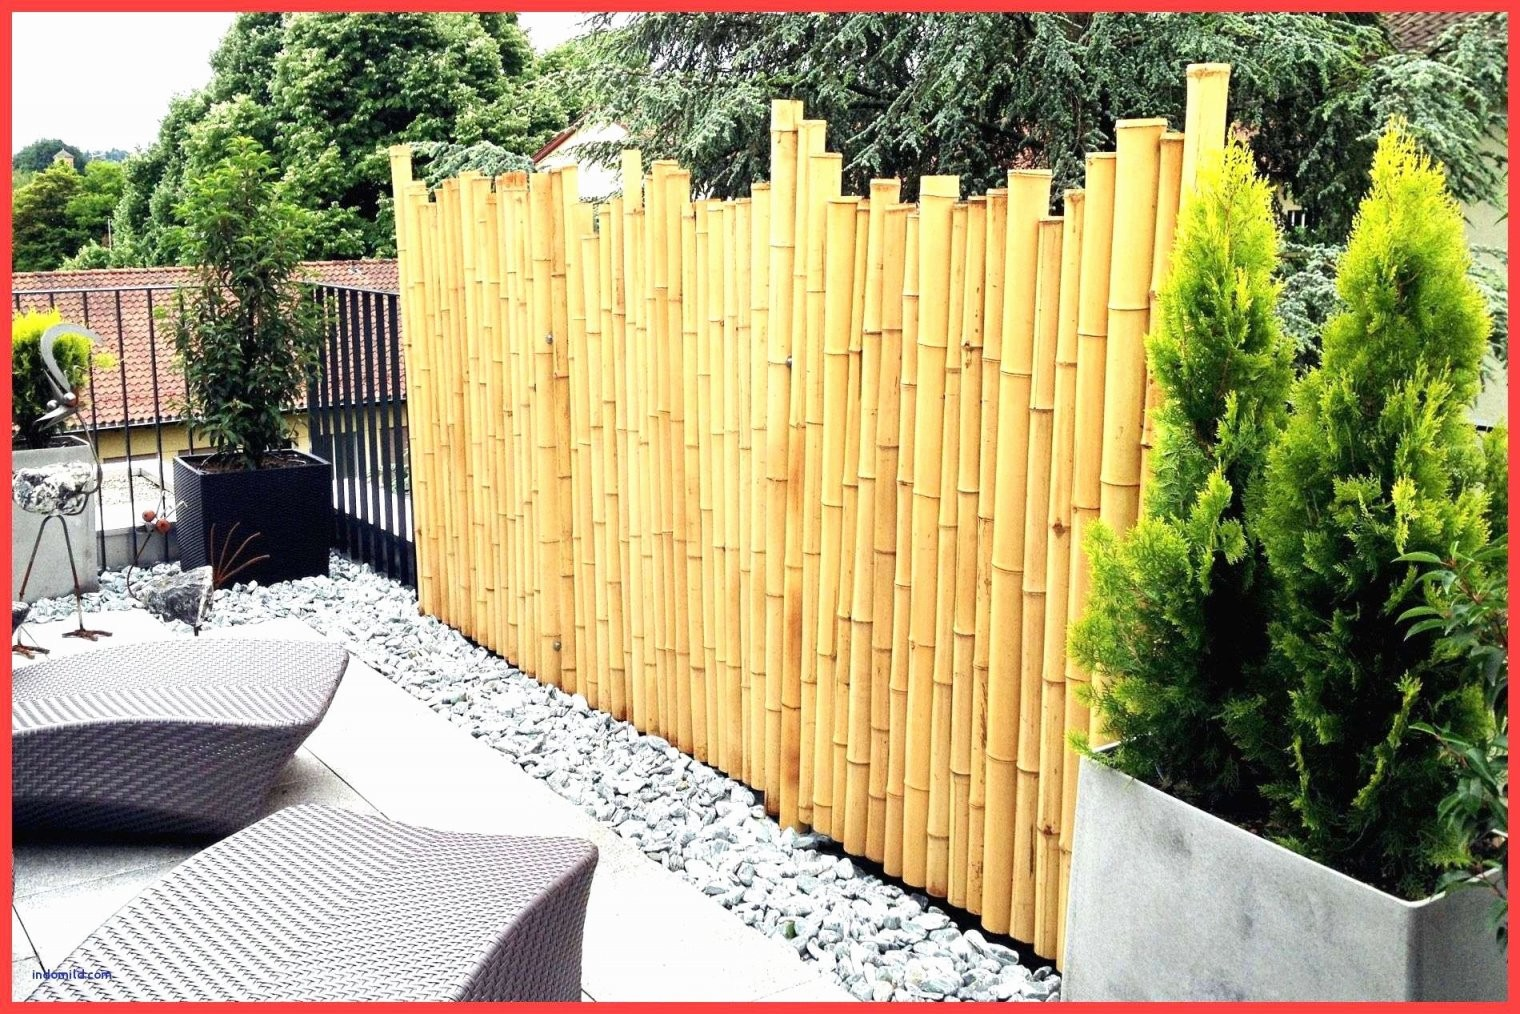 Sichtschutz Fr Balkon Selber Machen Einzigartig Sichtschutz Terrasse von Sichtschutz Für Balkon Selber Machen Bild